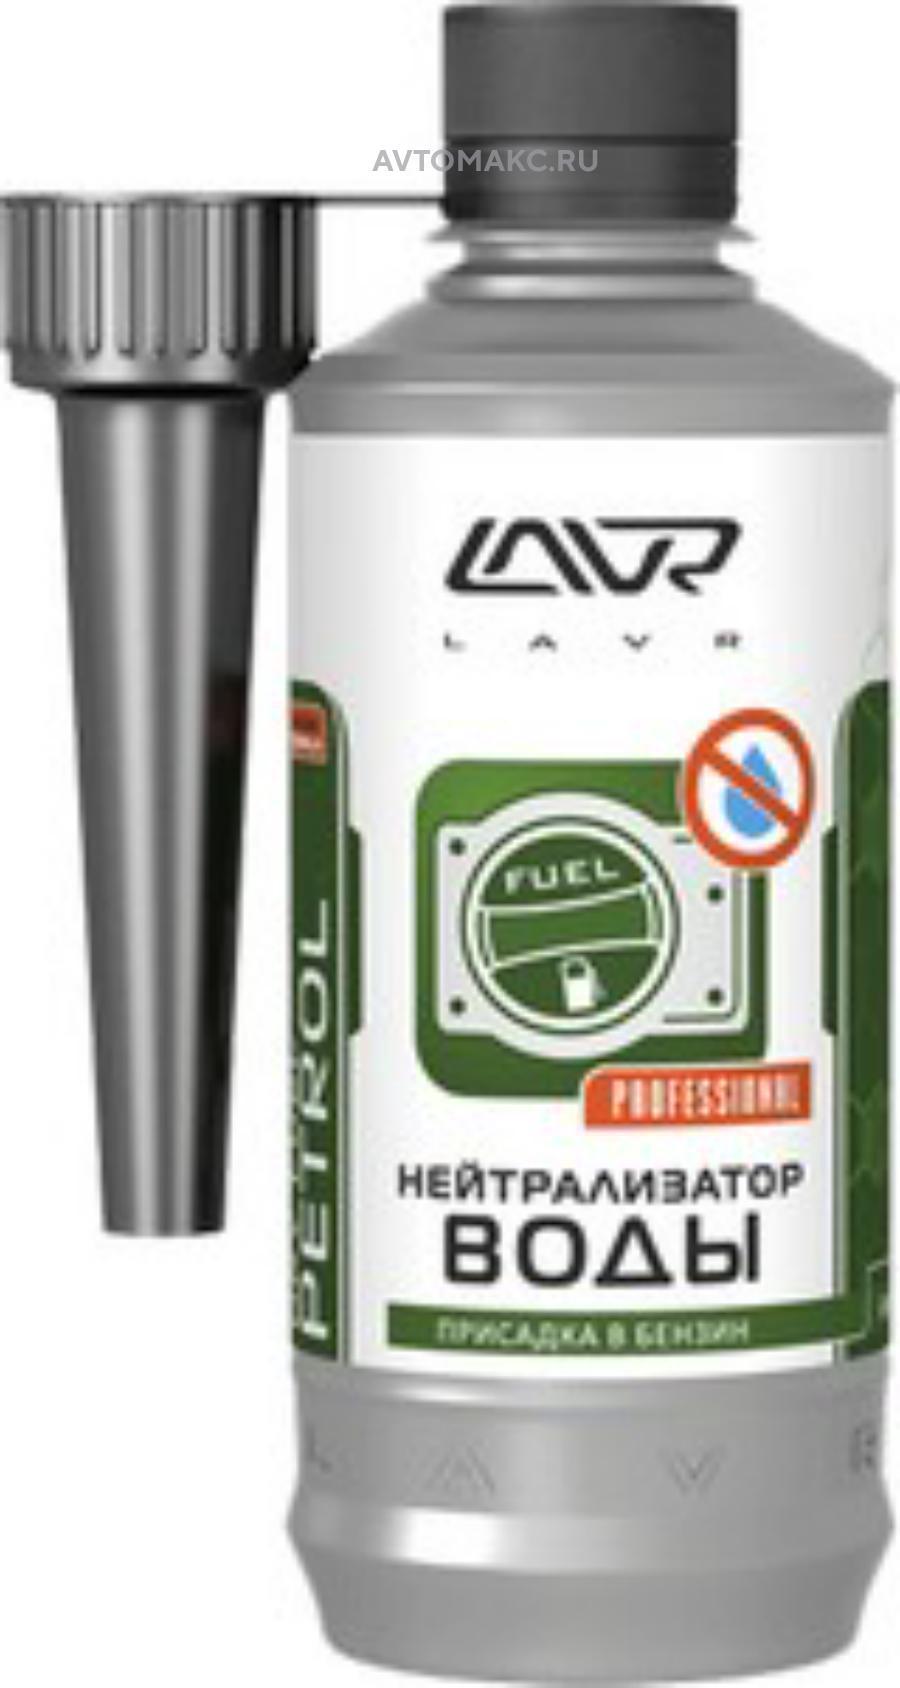 Нейтрализатор воды присадка в бензин (на 40-60л) LAVR Dry Fuel Petrol (LN2103)